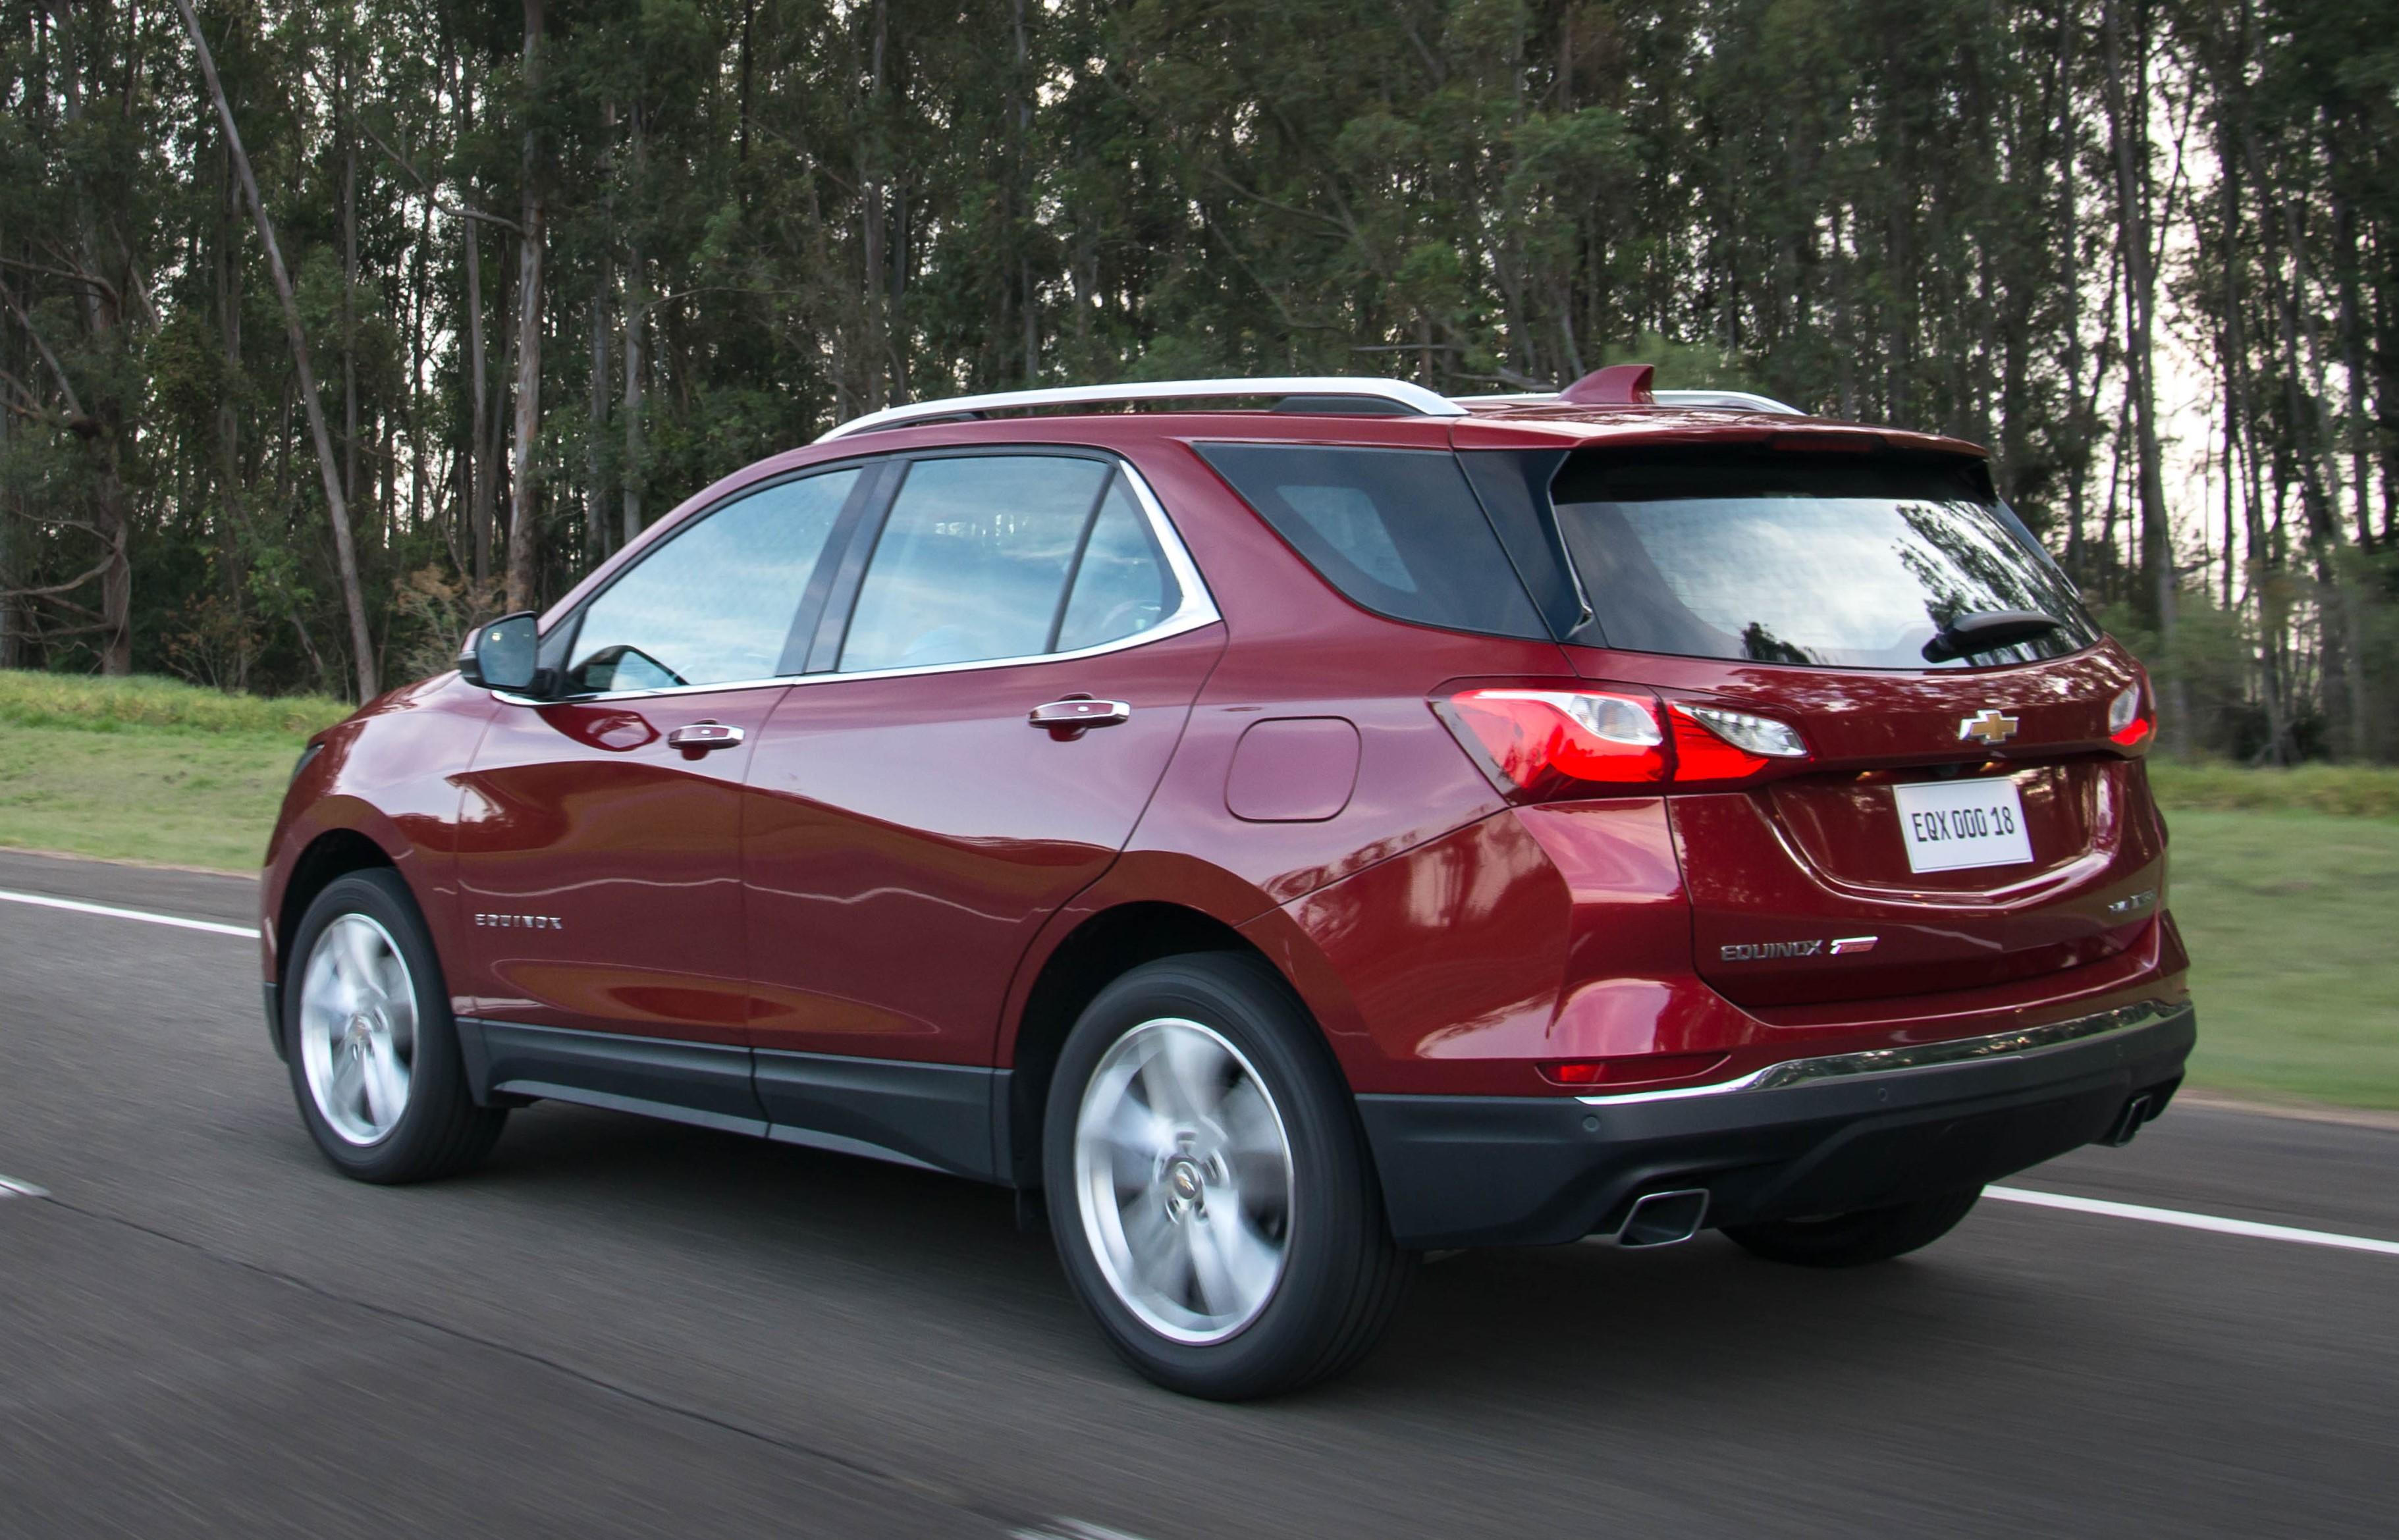 Chevrolet lança Tracker Premier custando a partir de R$ 96.790; veja fotos